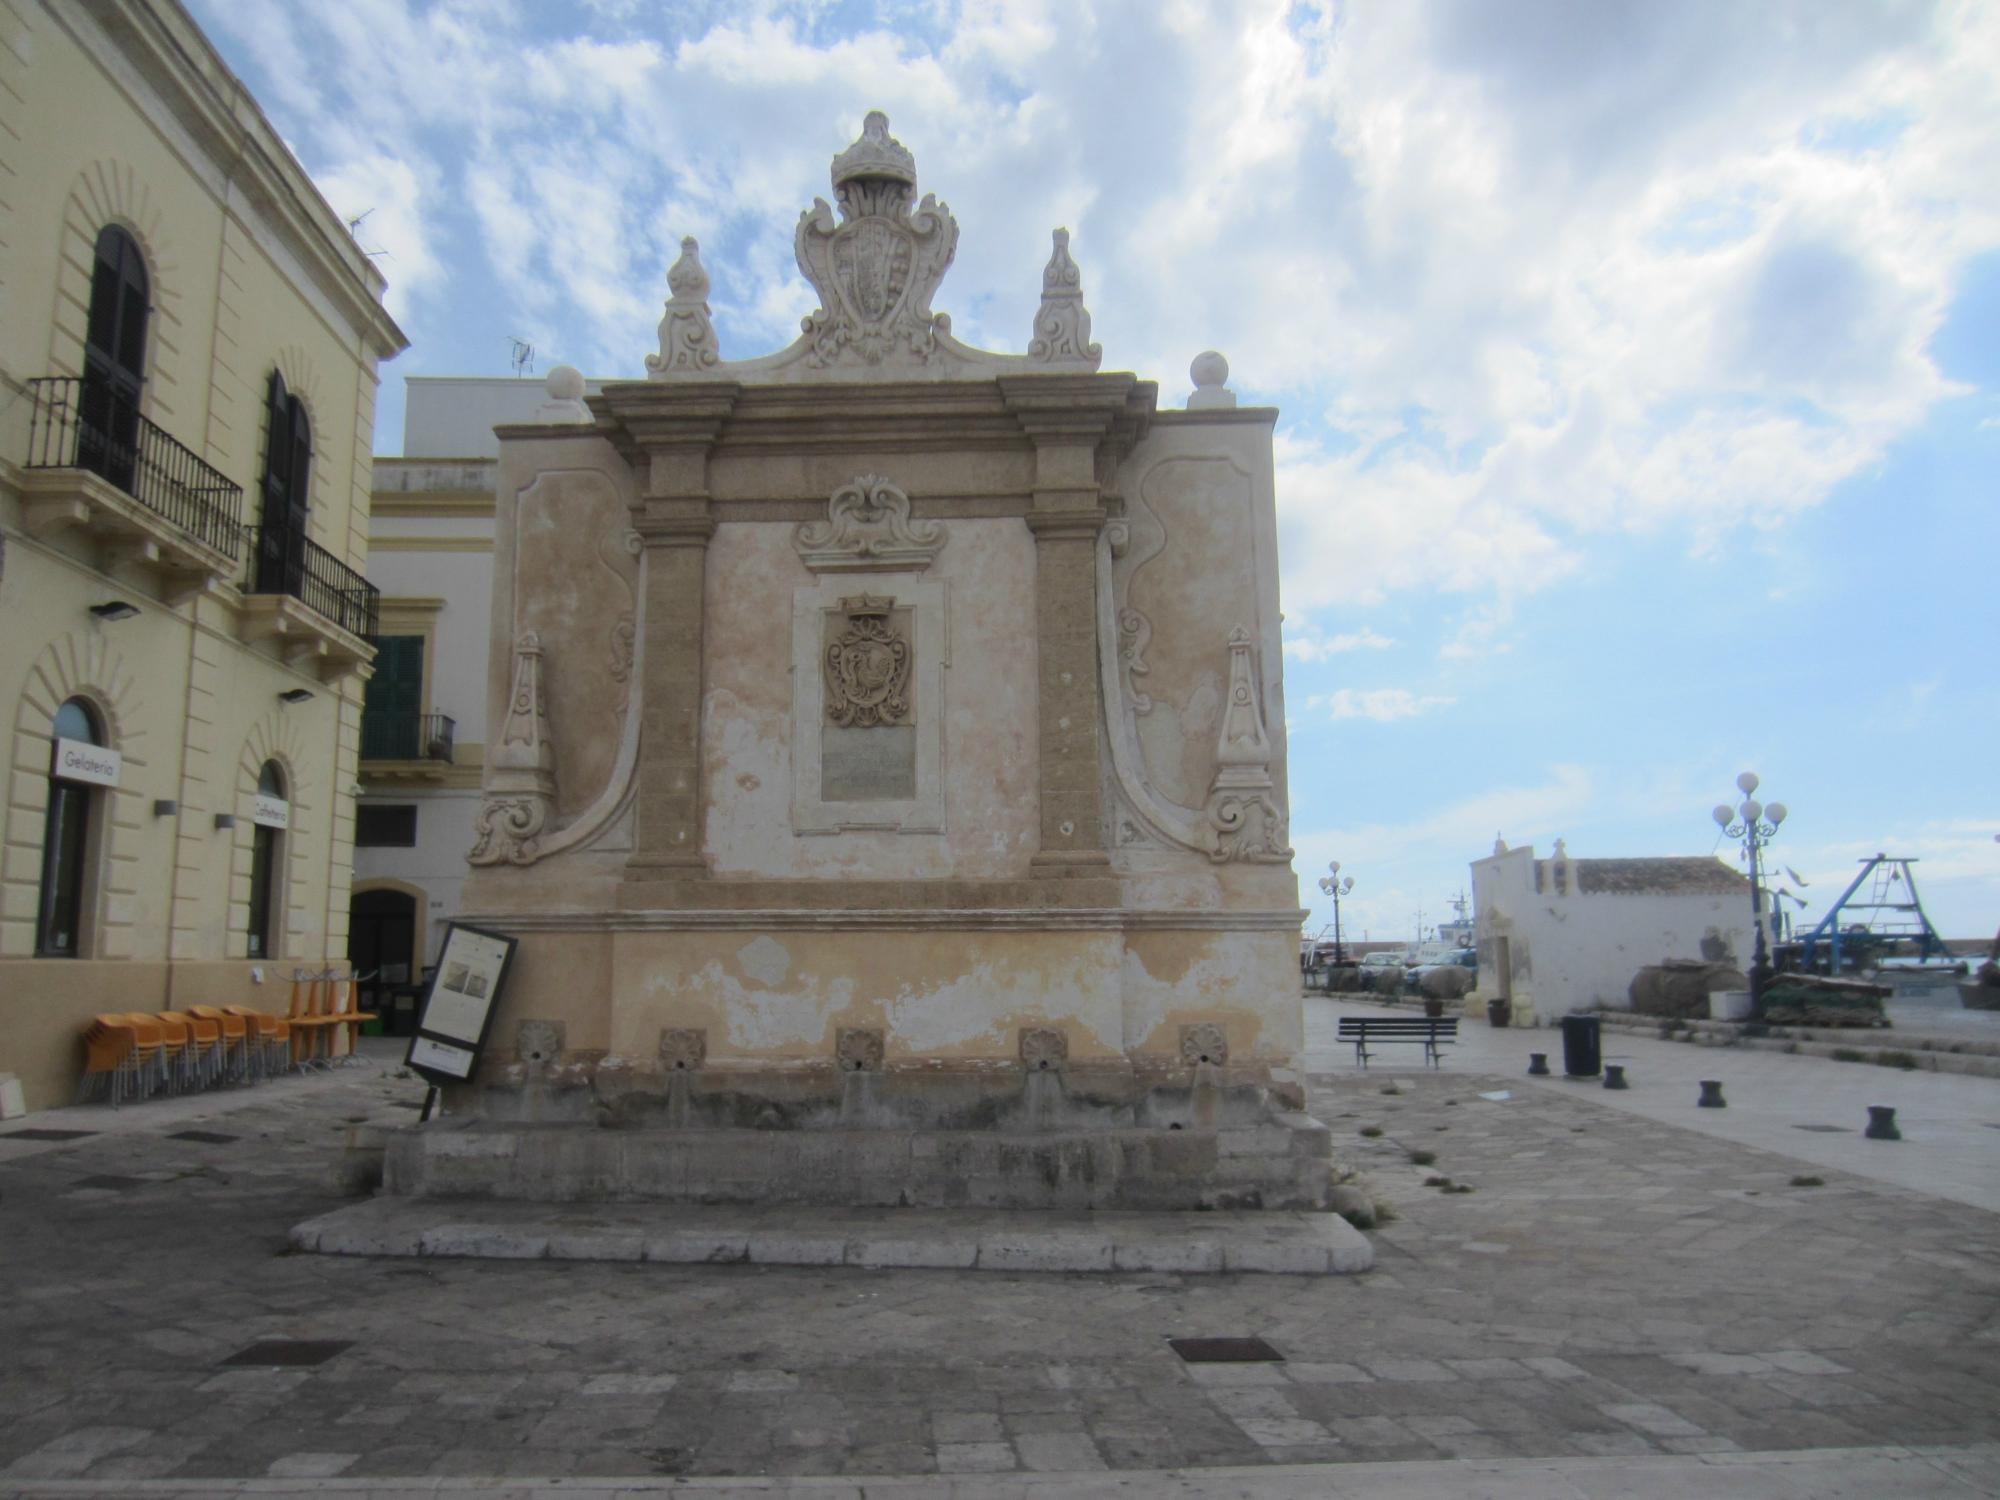 Fontana Greca - Ellenistica